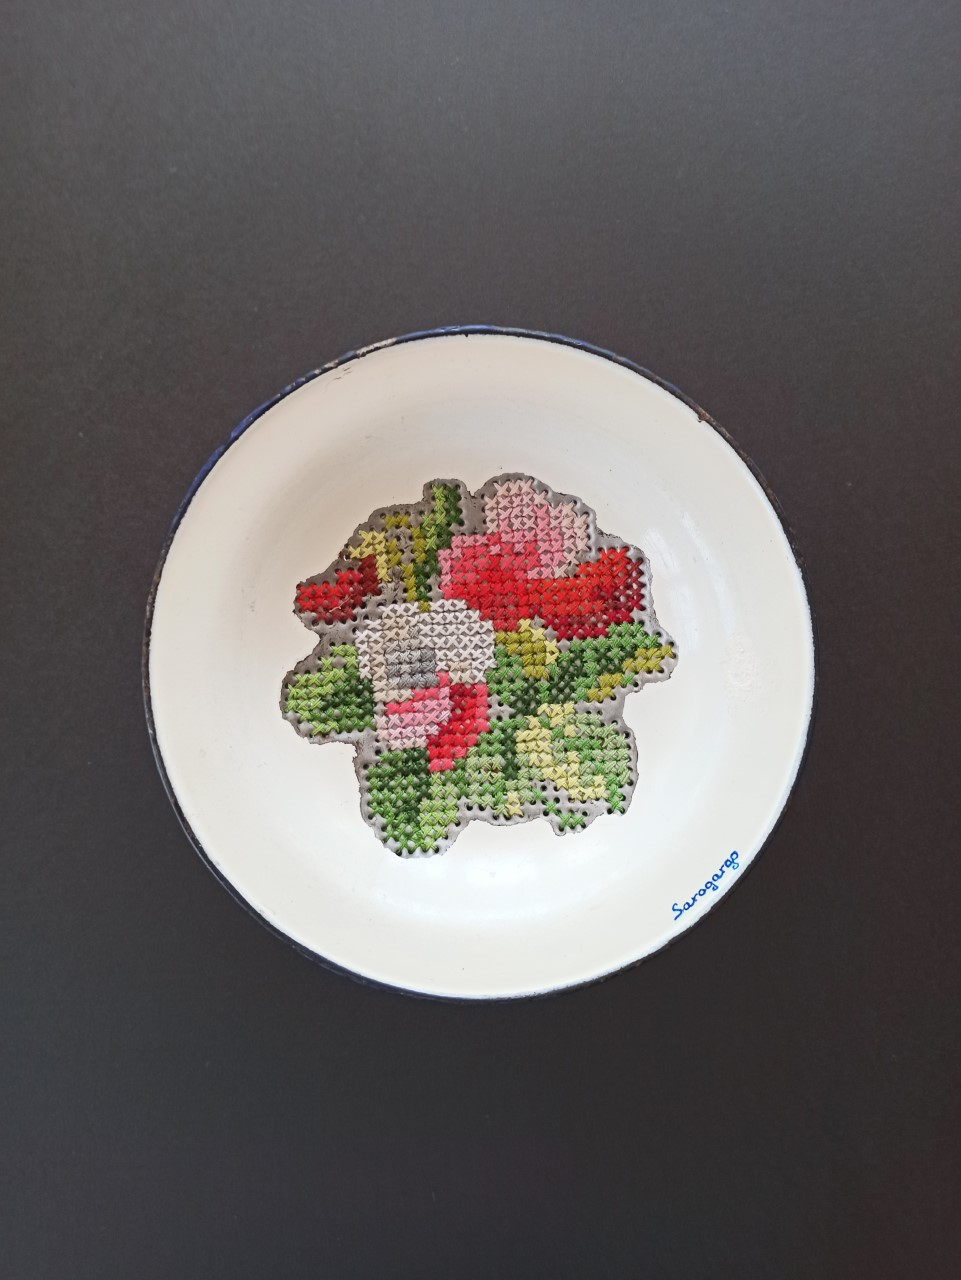 Mi preciosa vajilla de porcelana floreada P9 (2019) - Mª Rosario García Gómez - SAROGARGO